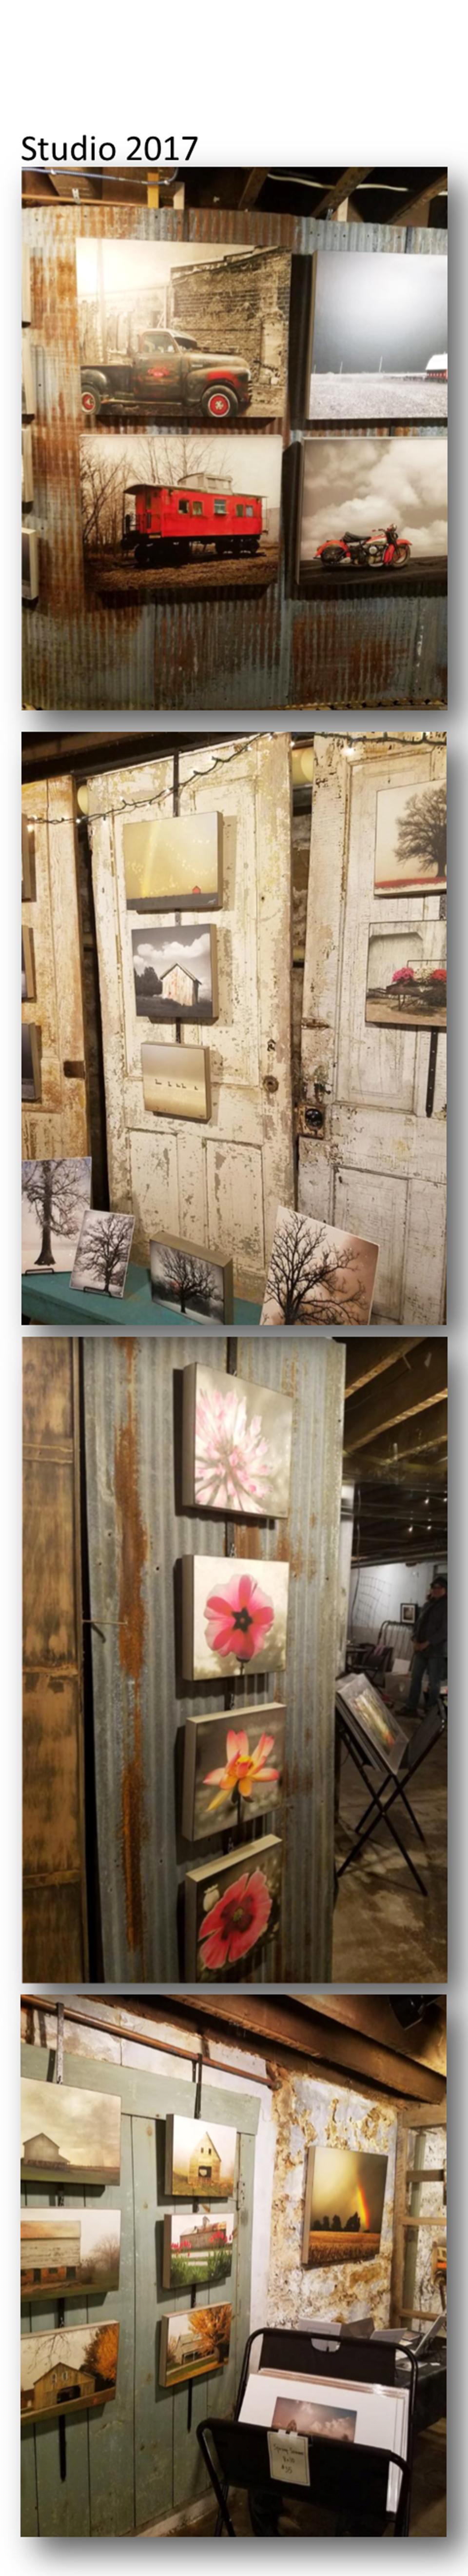 gallery-pic-300.jpg